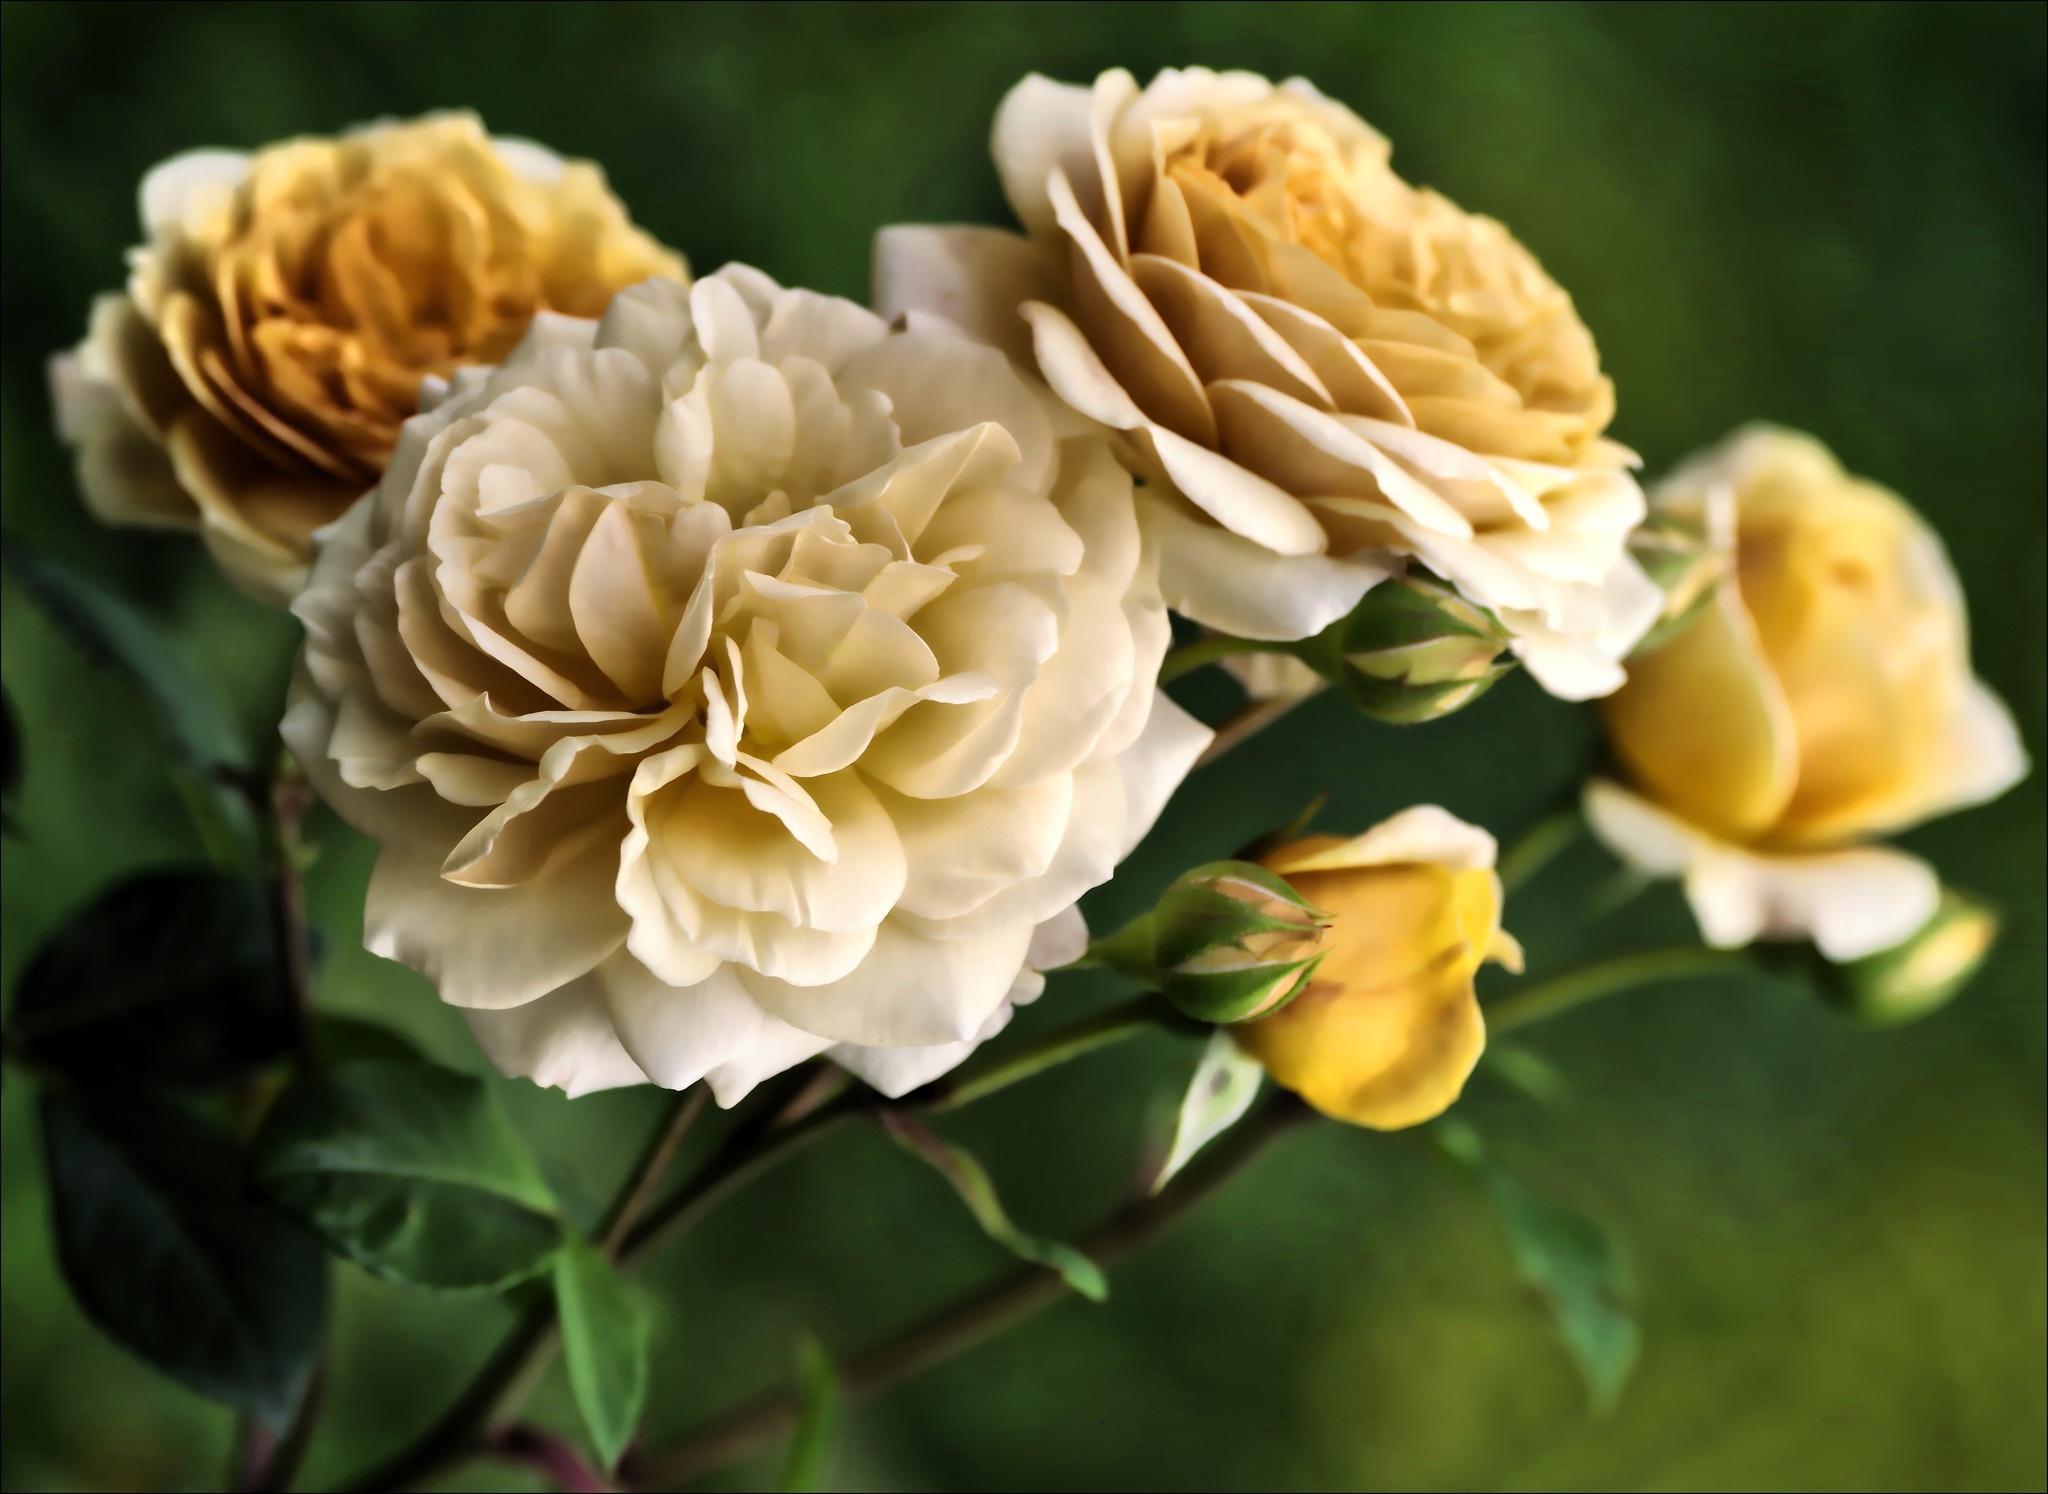 Roses de jardin by Fernand Larochelle